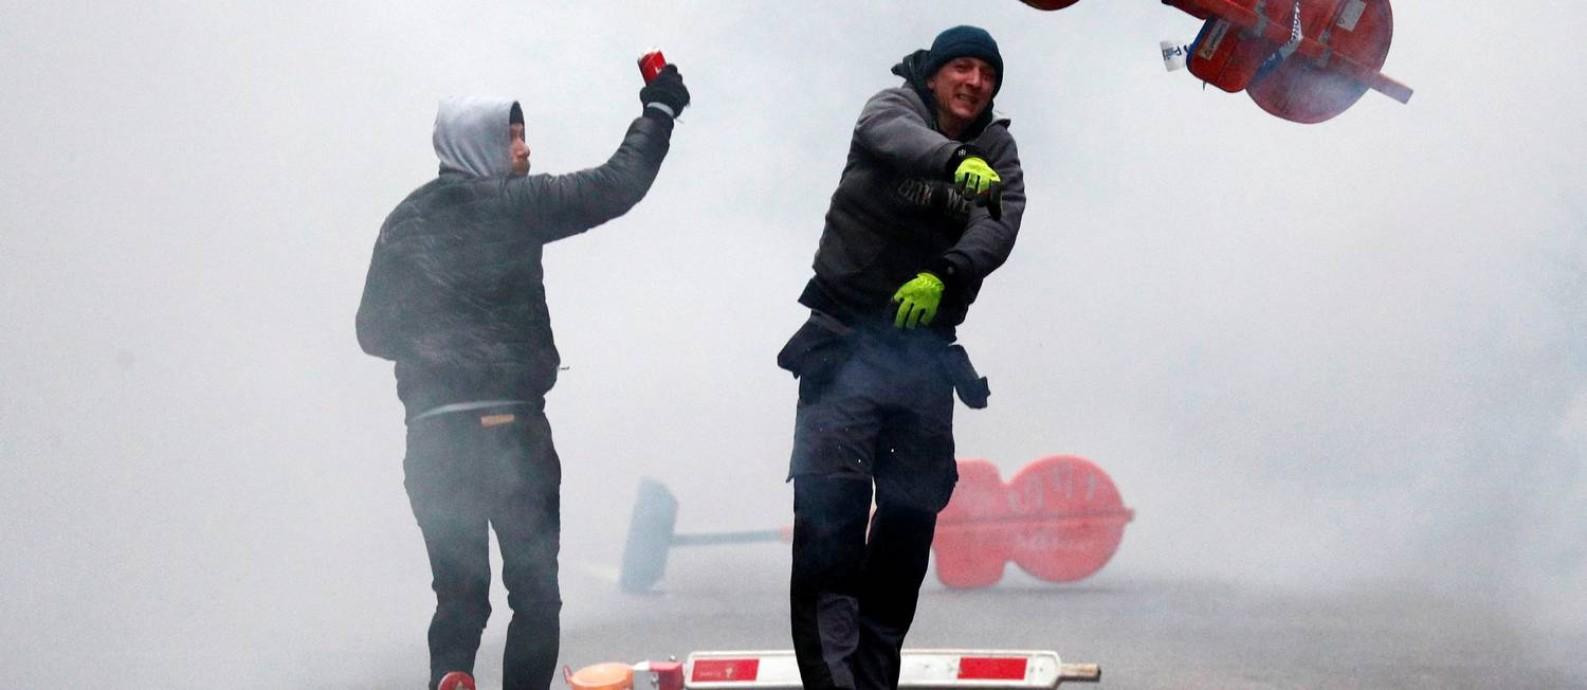 Manifestantes de extrema direita protestam contra pacto global firmado por países para migração mais segura e ordenada Foto: FRANCOIS LENOIR / REUTERS